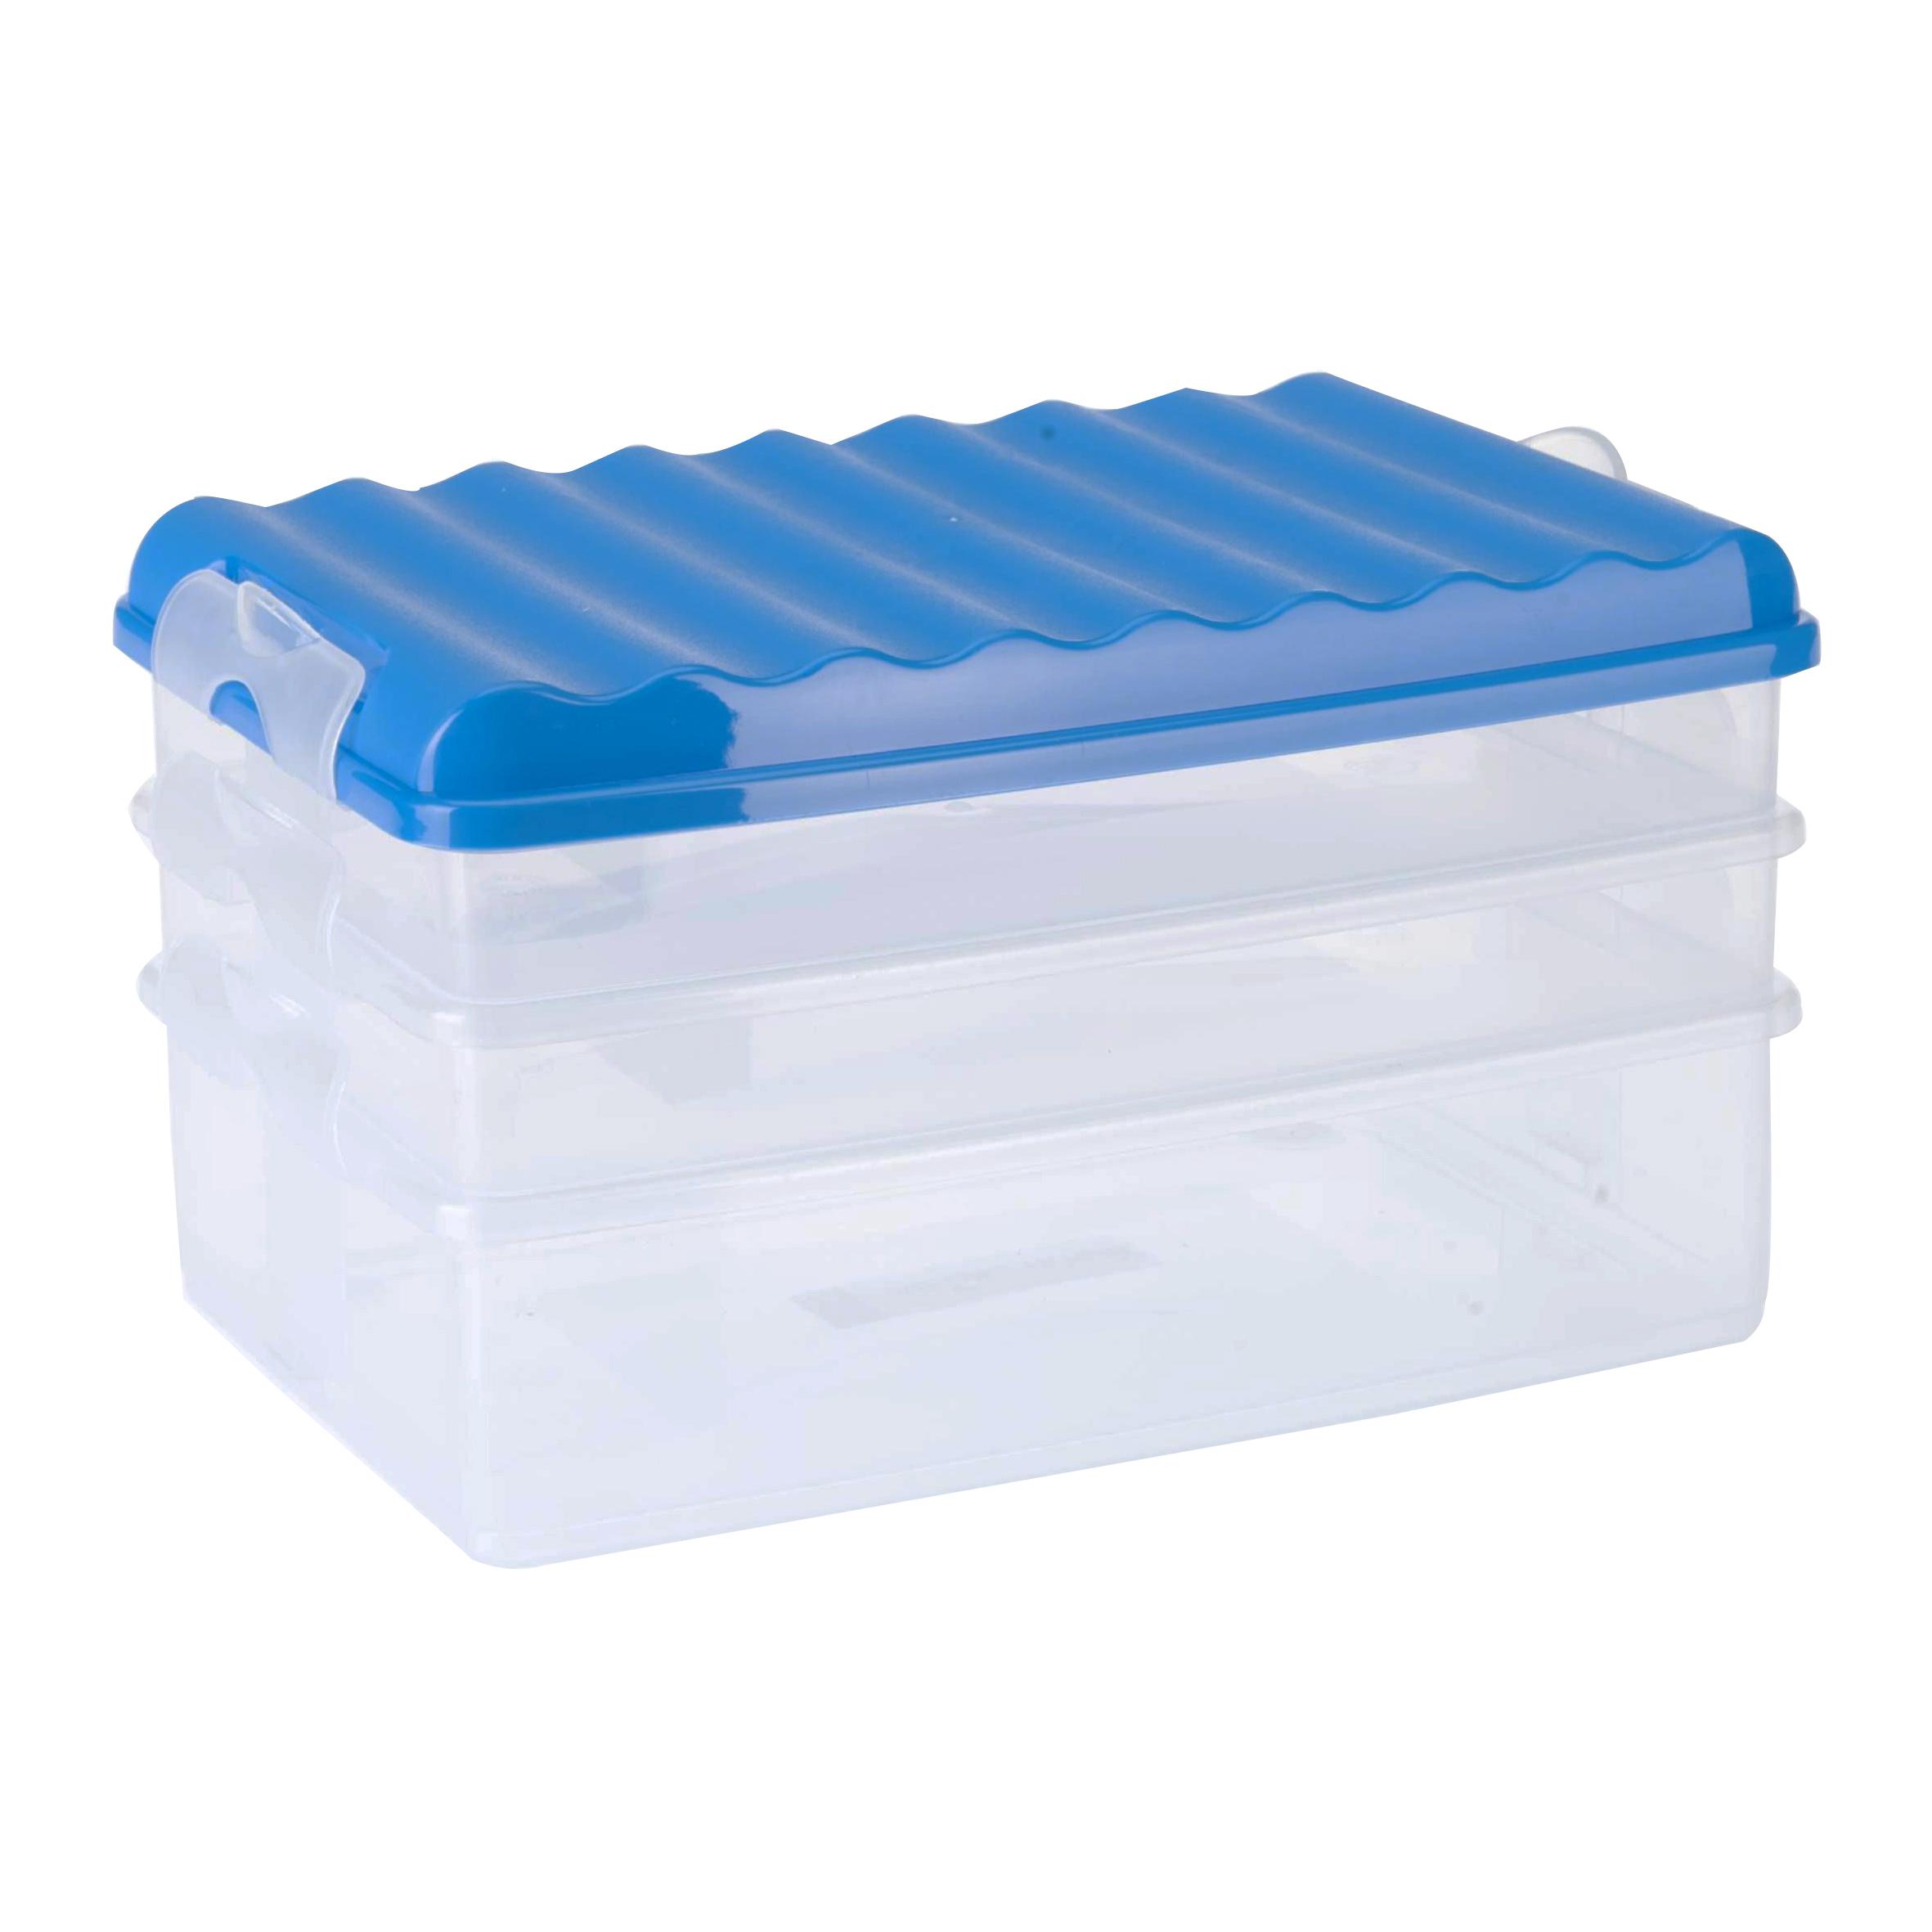 stapelboxen mit deckel von x incl deckel box stapelboxen lager l with stapelboxen mit deckel. Black Bedroom Furniture Sets. Home Design Ideas